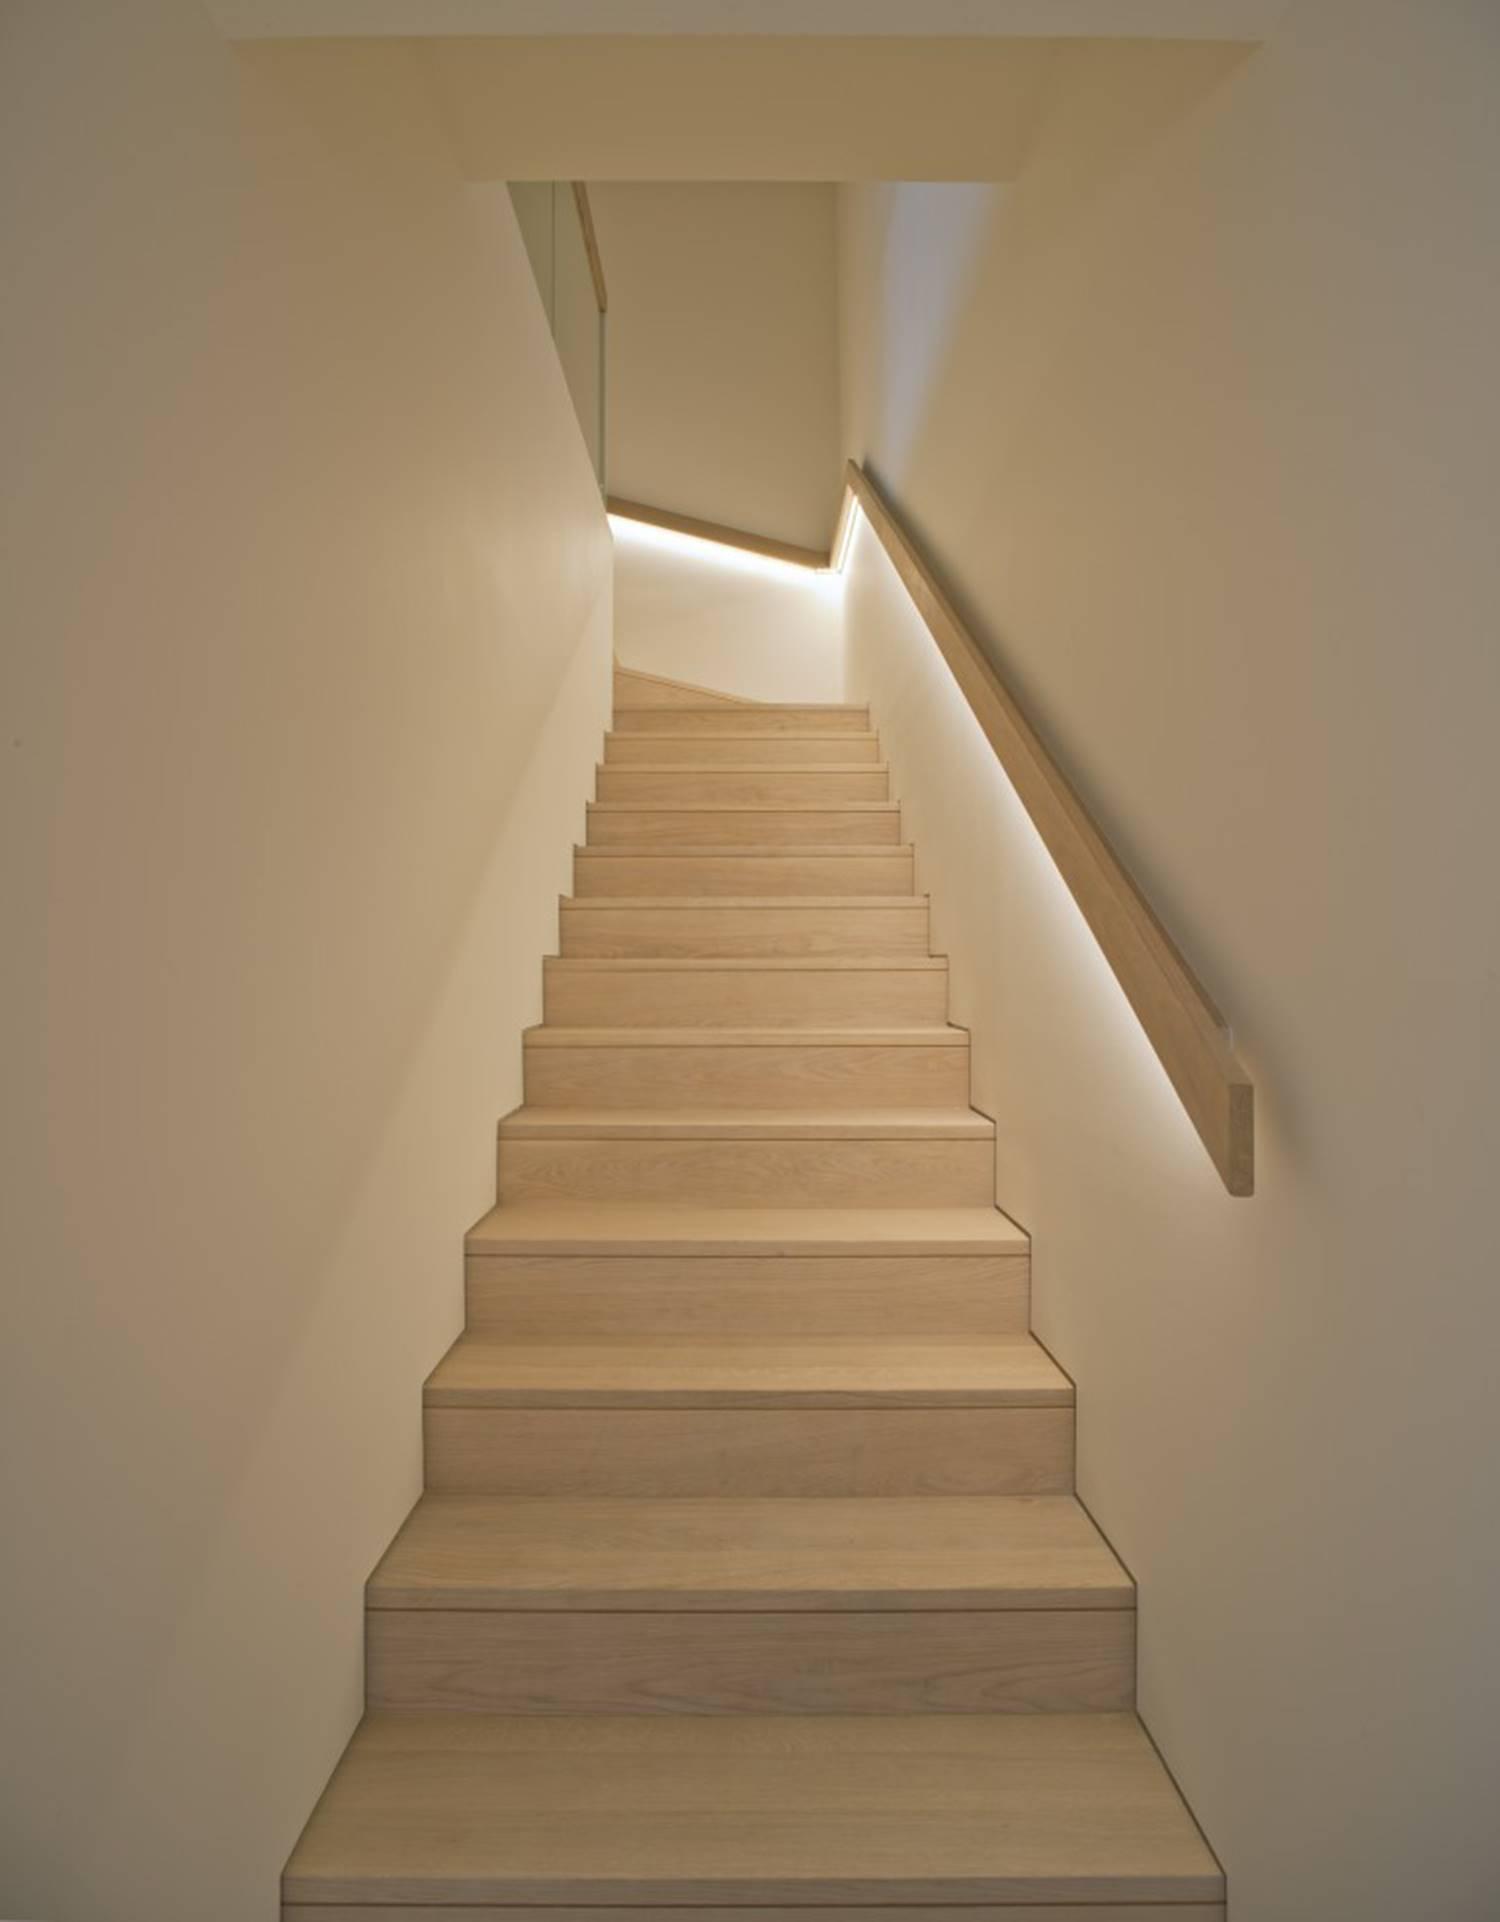 Proyecto de iluminación de una escalera mediante luz indirecta